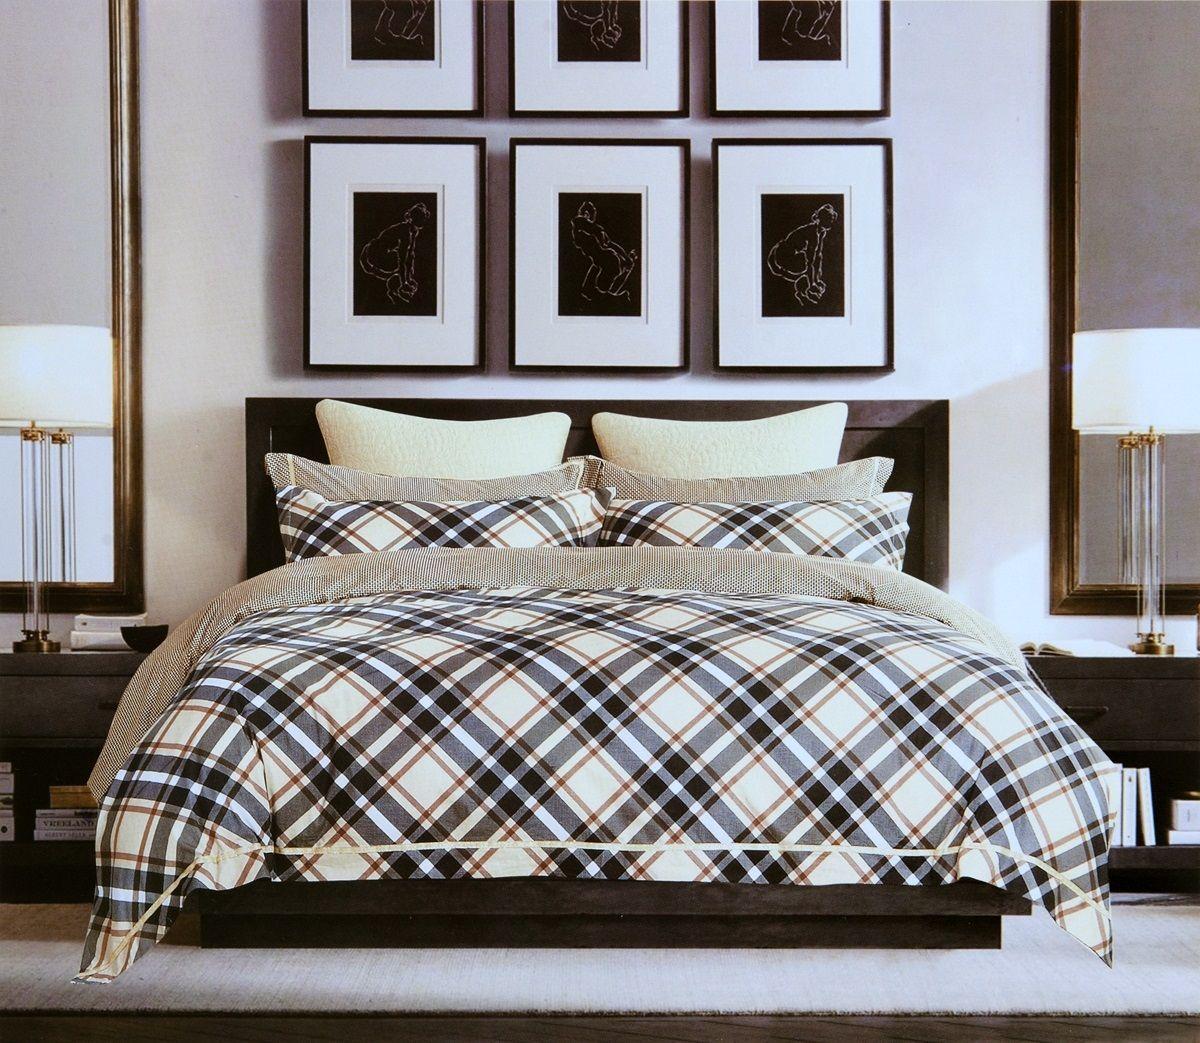 Комплект белья Modalin Tera, 2-спальный, наволочки 50х70, 70x70. 464/5464/5